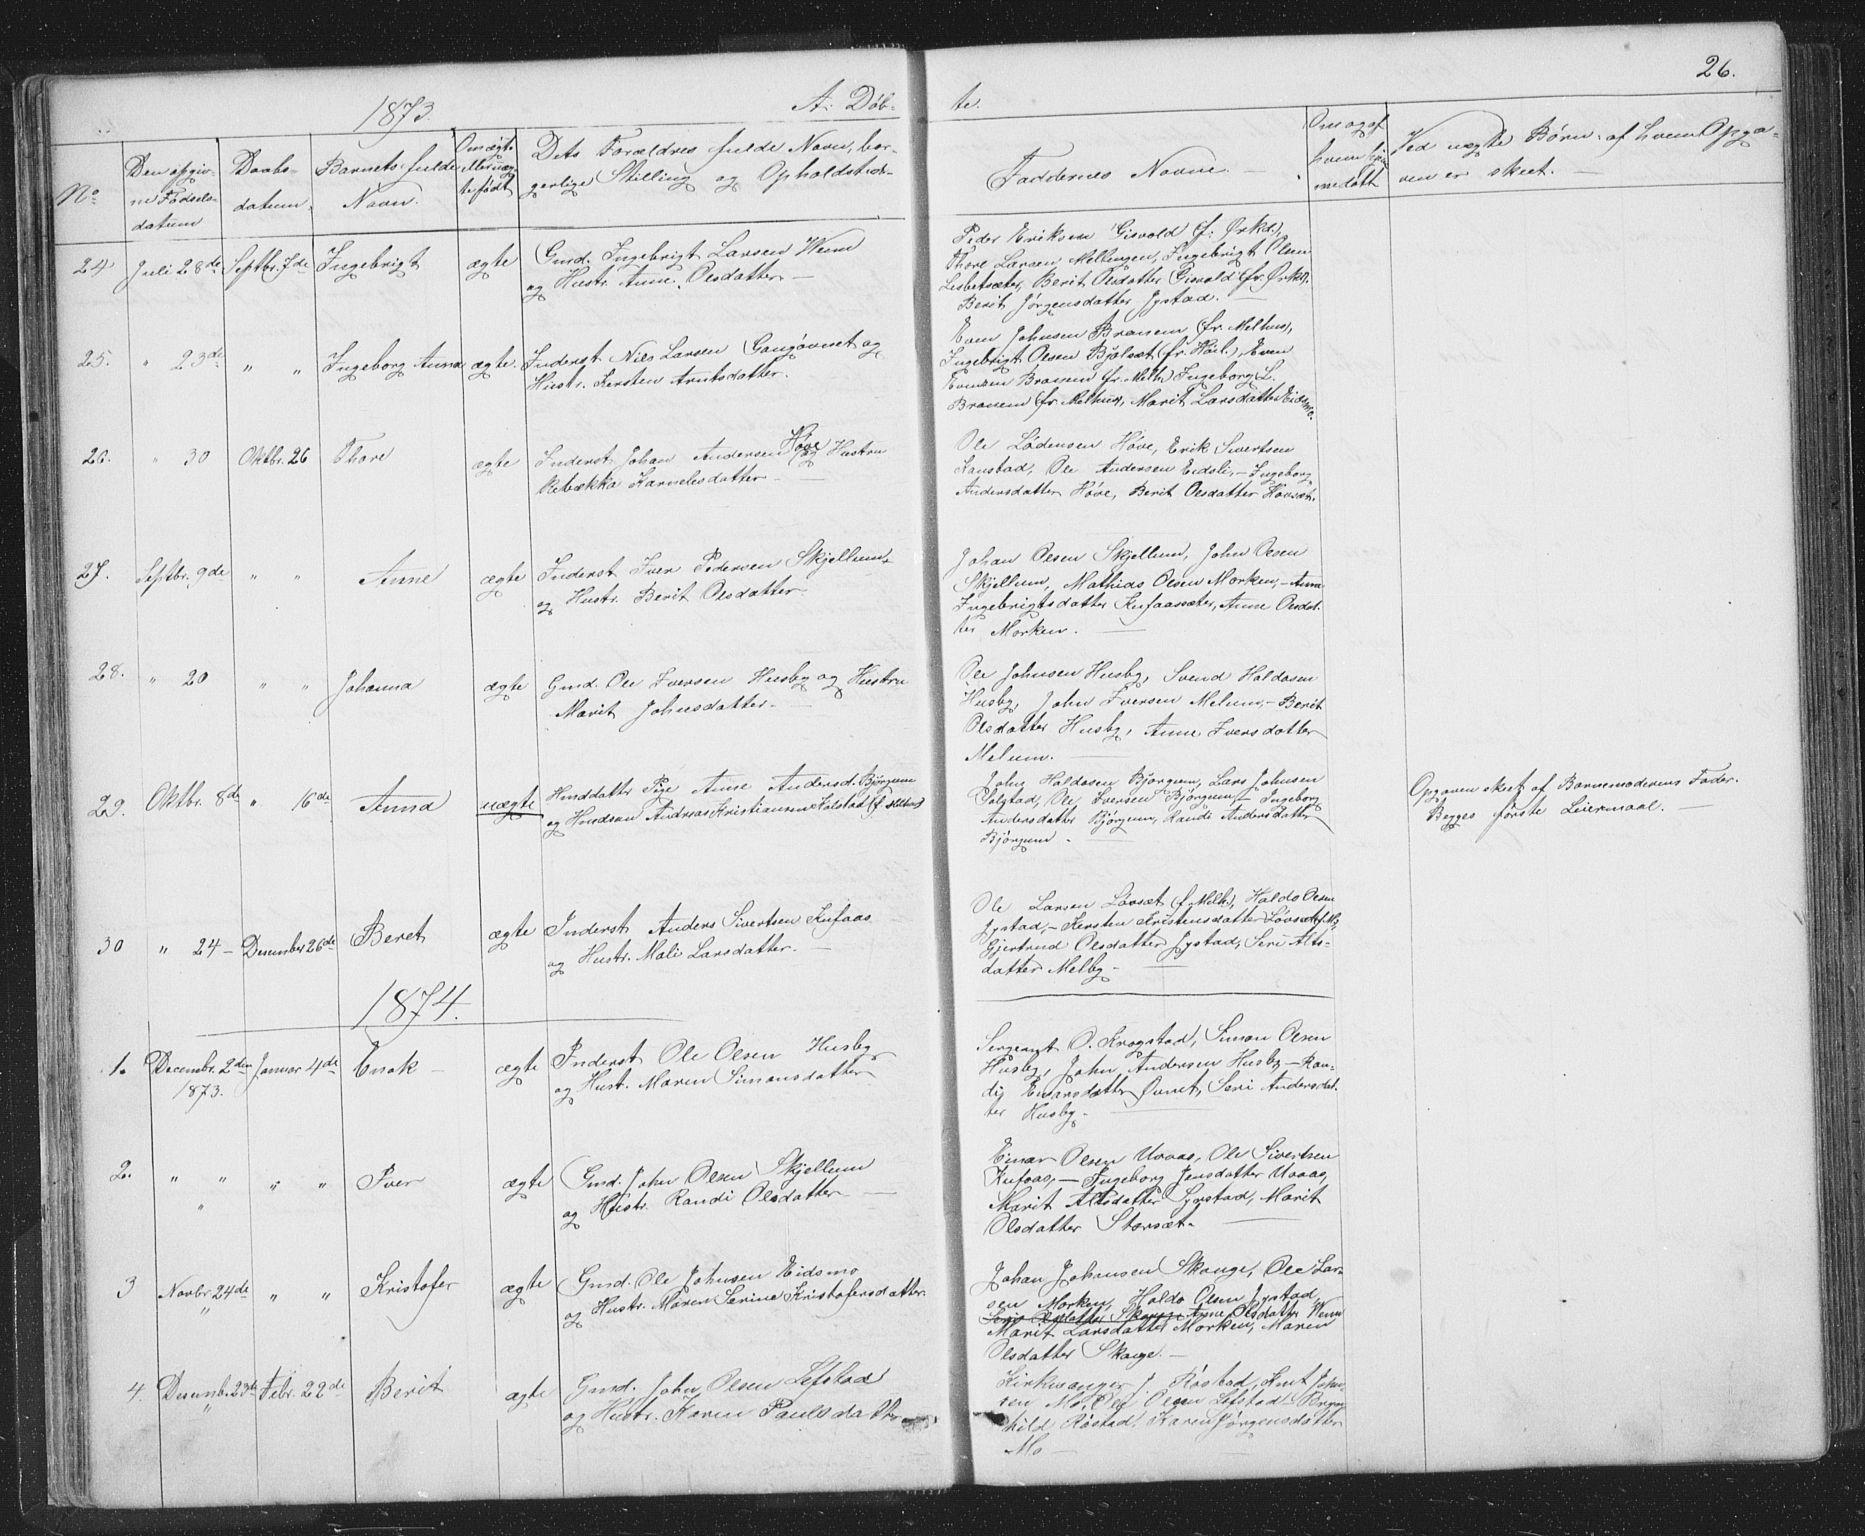 SAT, Ministerialprotokoller, klokkerbøker og fødselsregistre - Sør-Trøndelag, 667/L0798: Klokkerbok nr. 667C03, 1867-1929, s. 26